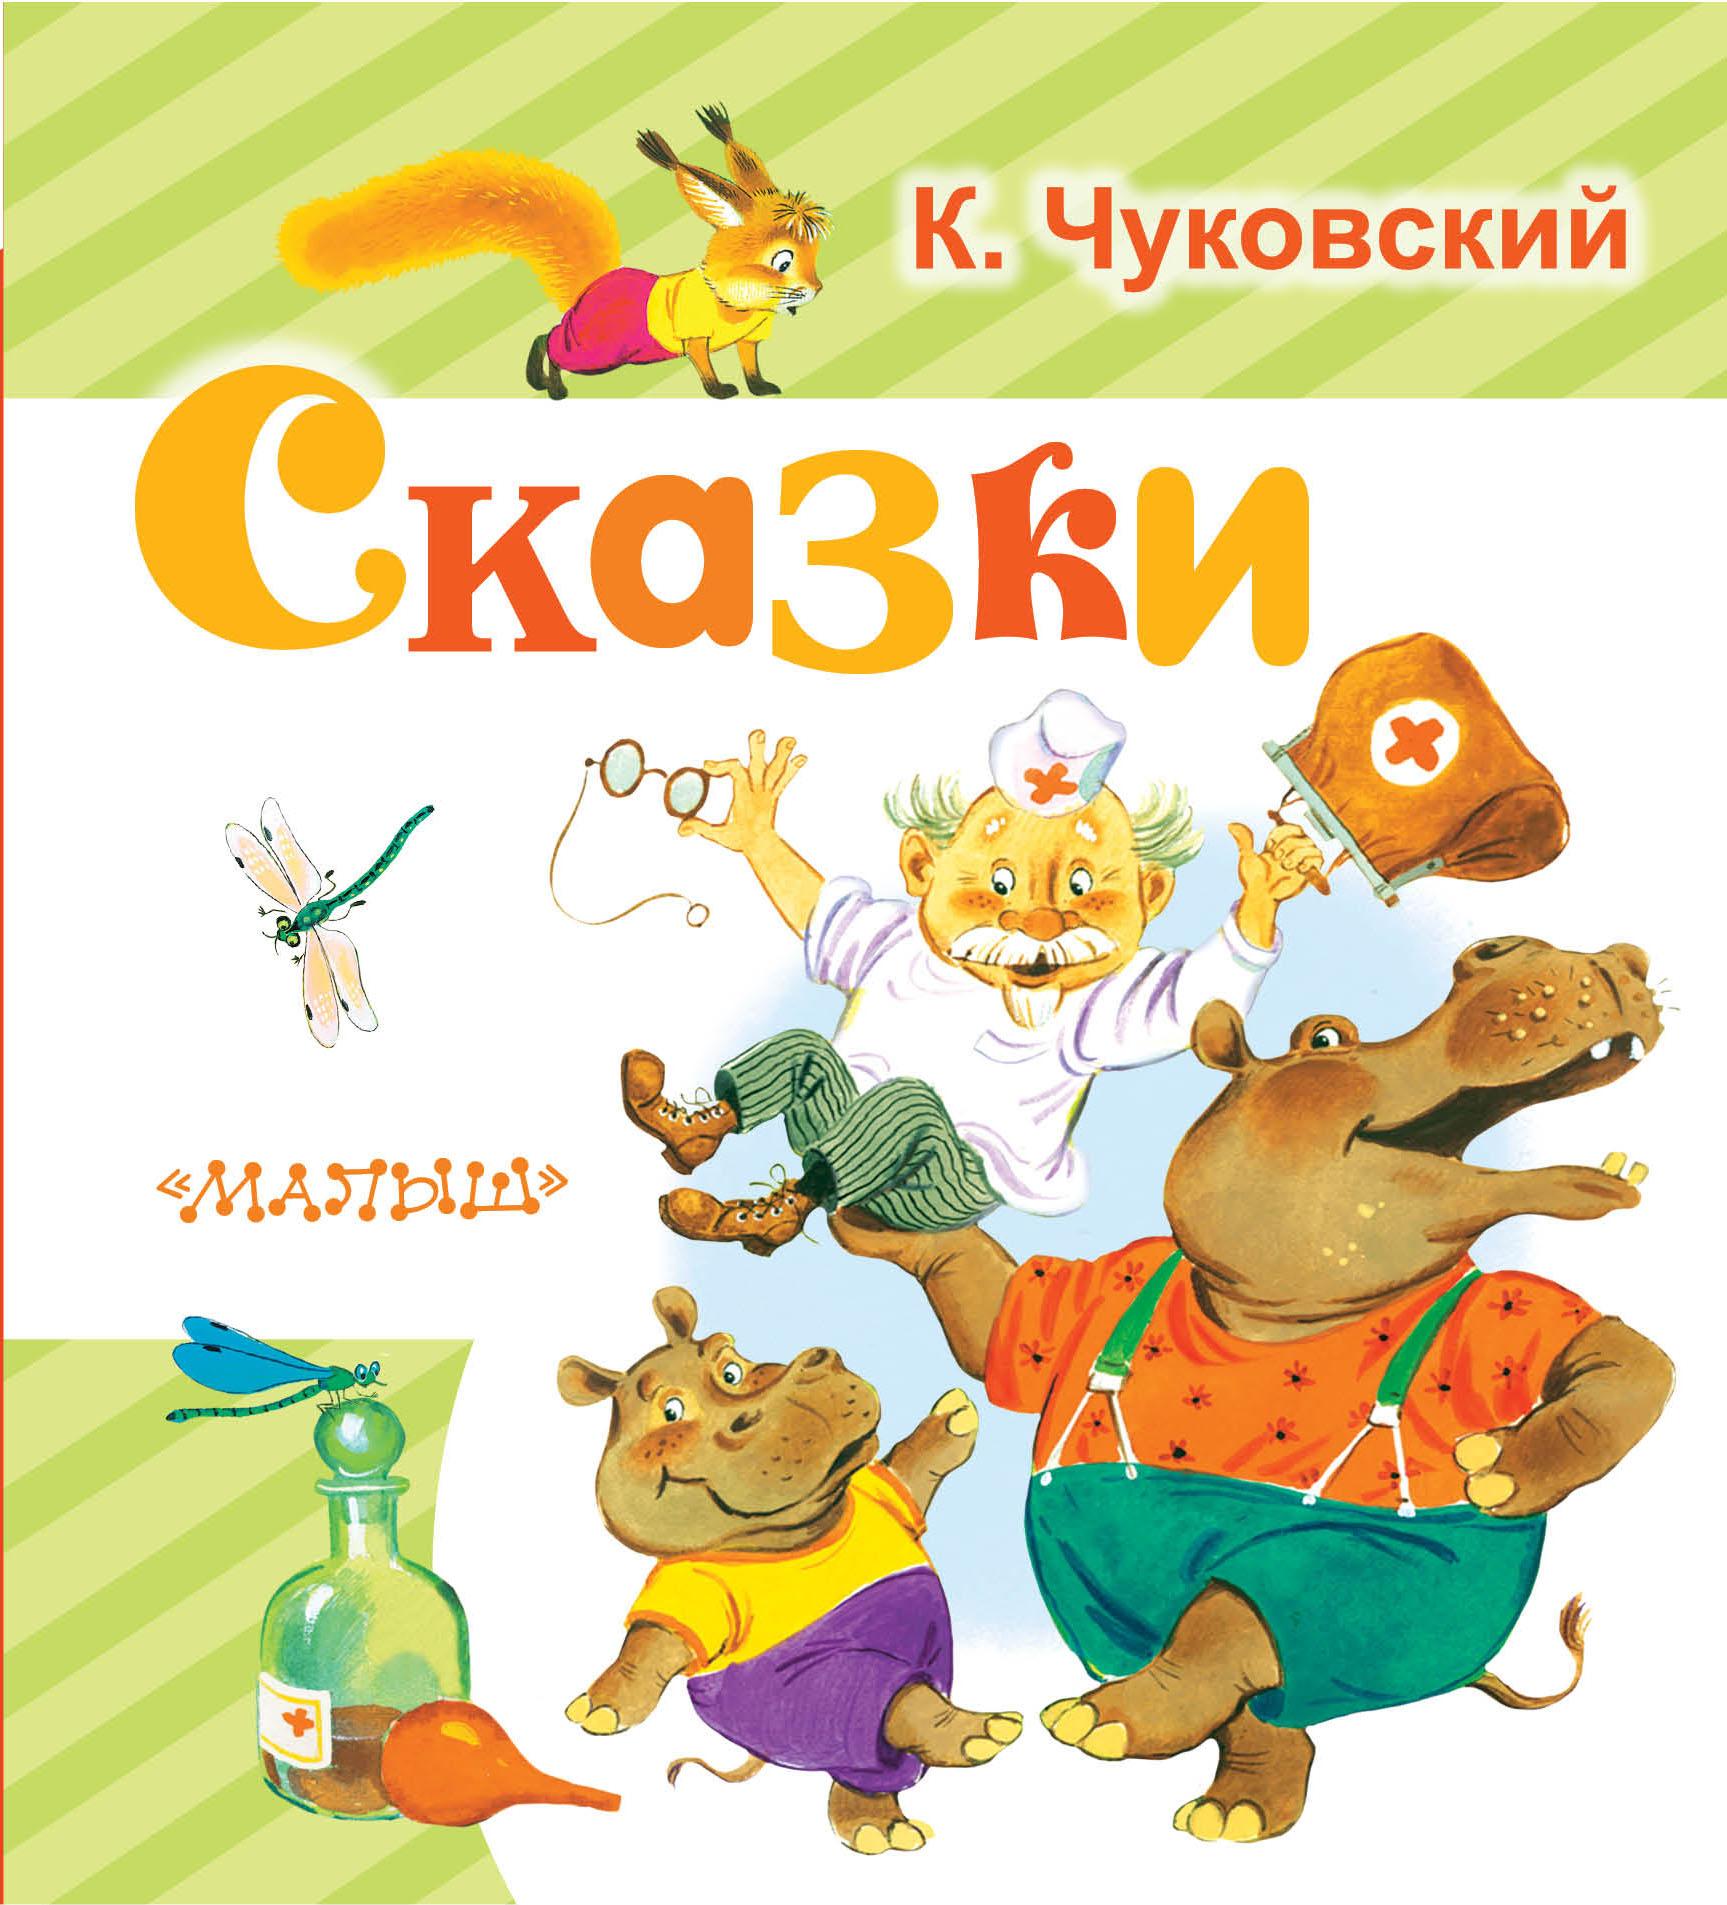 Купить Сказки, Корней Чуковский, 978-5-17-099795-4